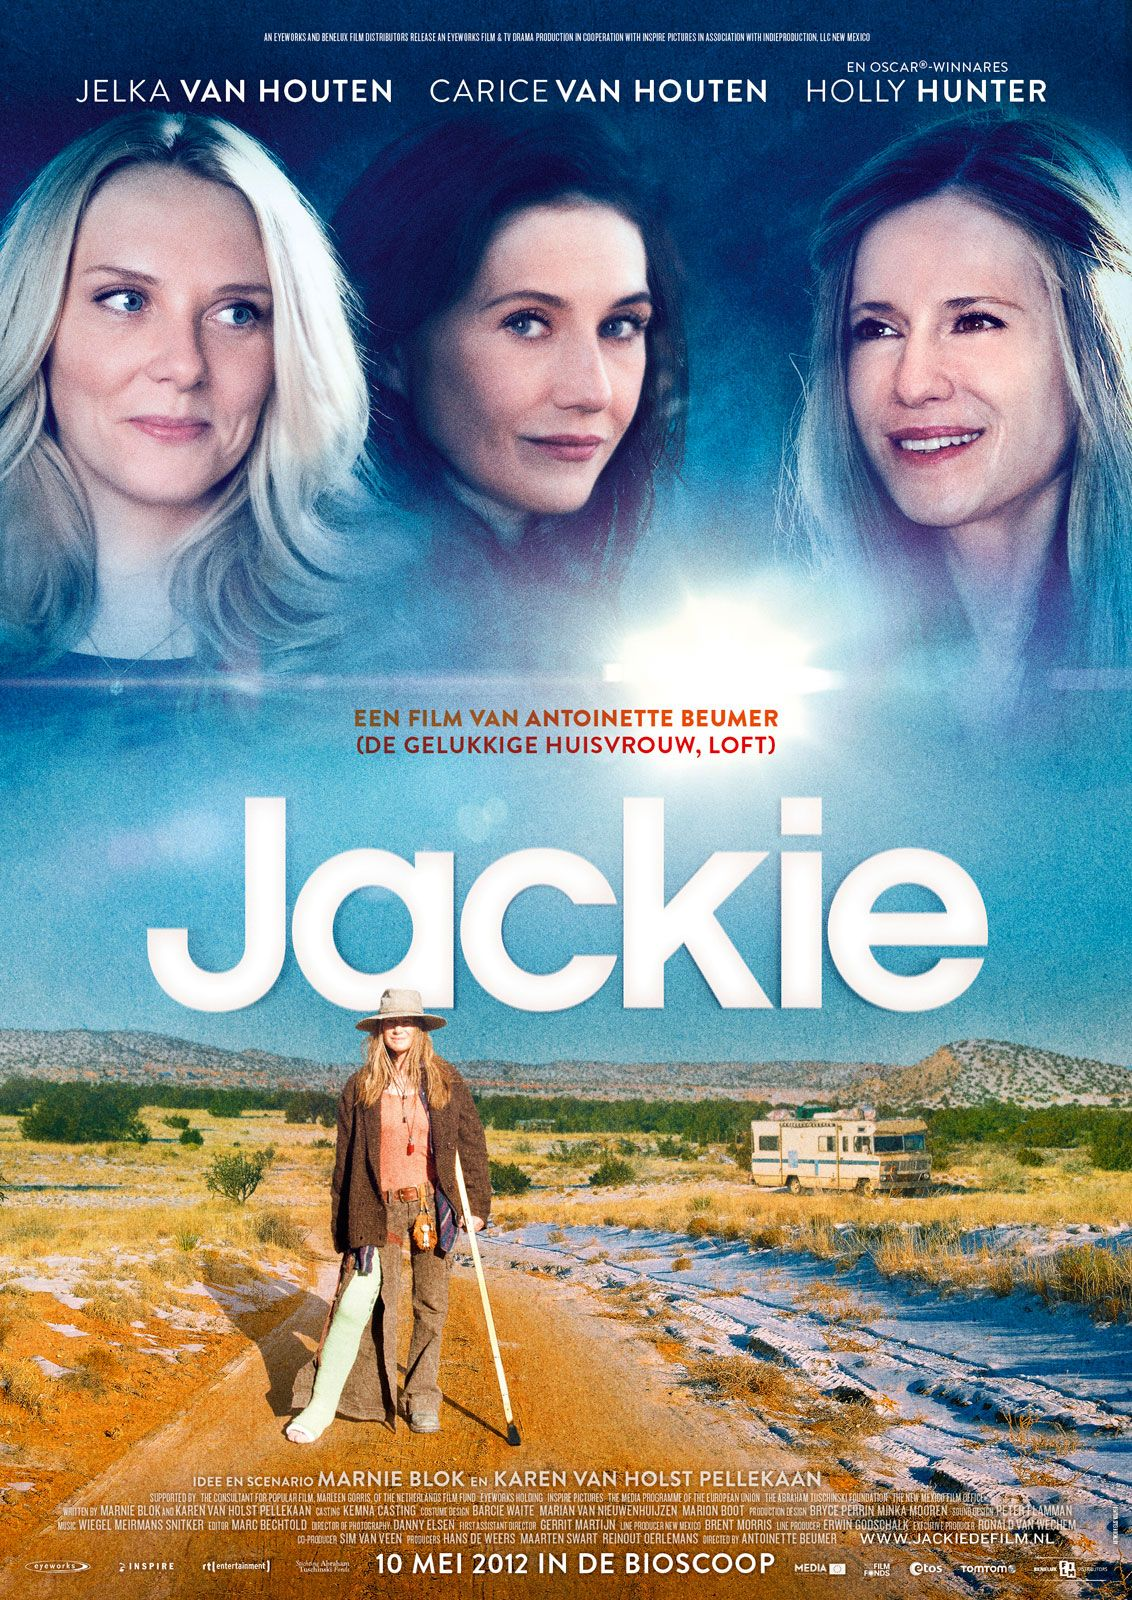 De Nederlandse speelfilm Jackie is te zien op 4 november om 20.00 uur in het Filmhuis. Meer info: www.filmhuisdenbogerd.nl